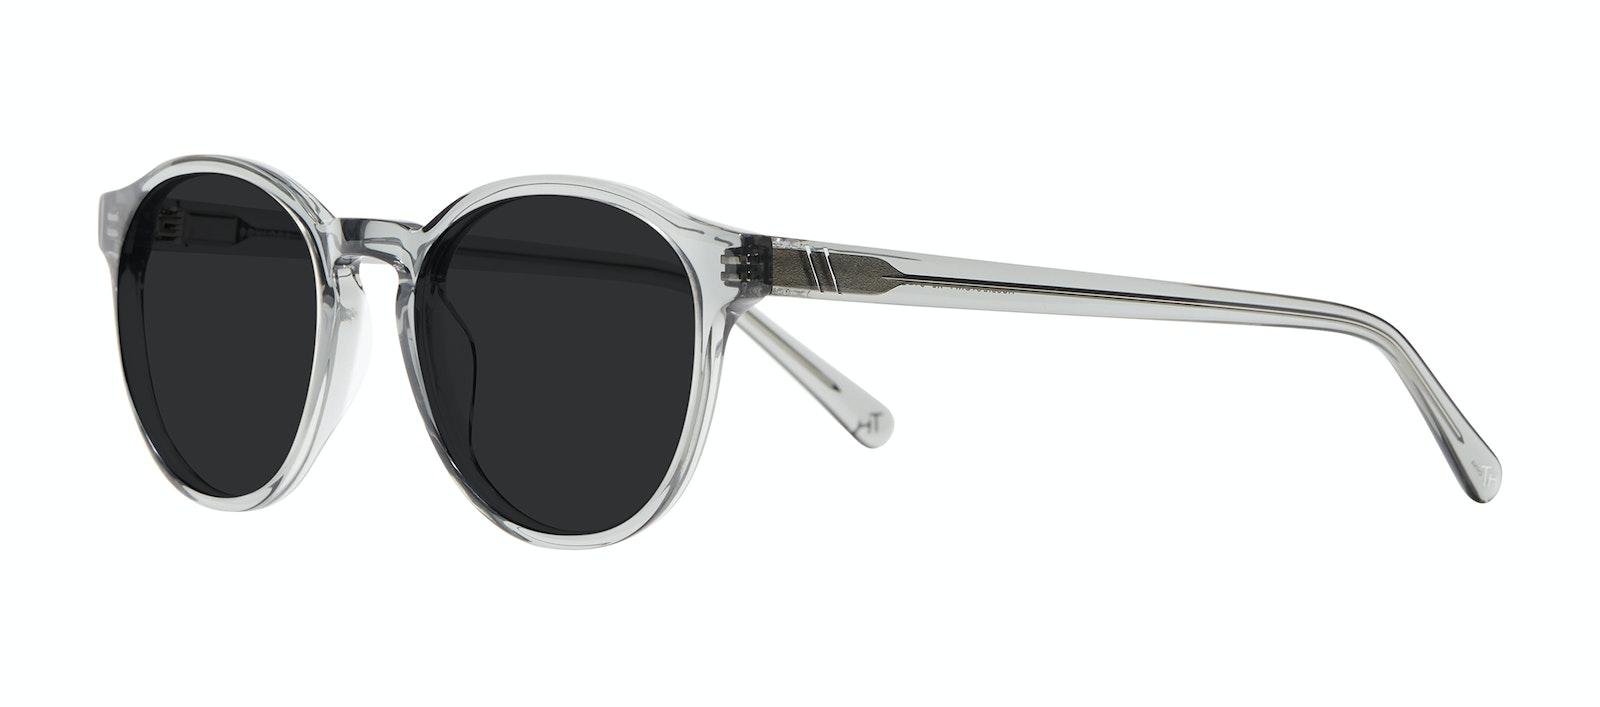 Affordable Fashion Glasses Round Sunglasses Men Aussie Storm Tilt